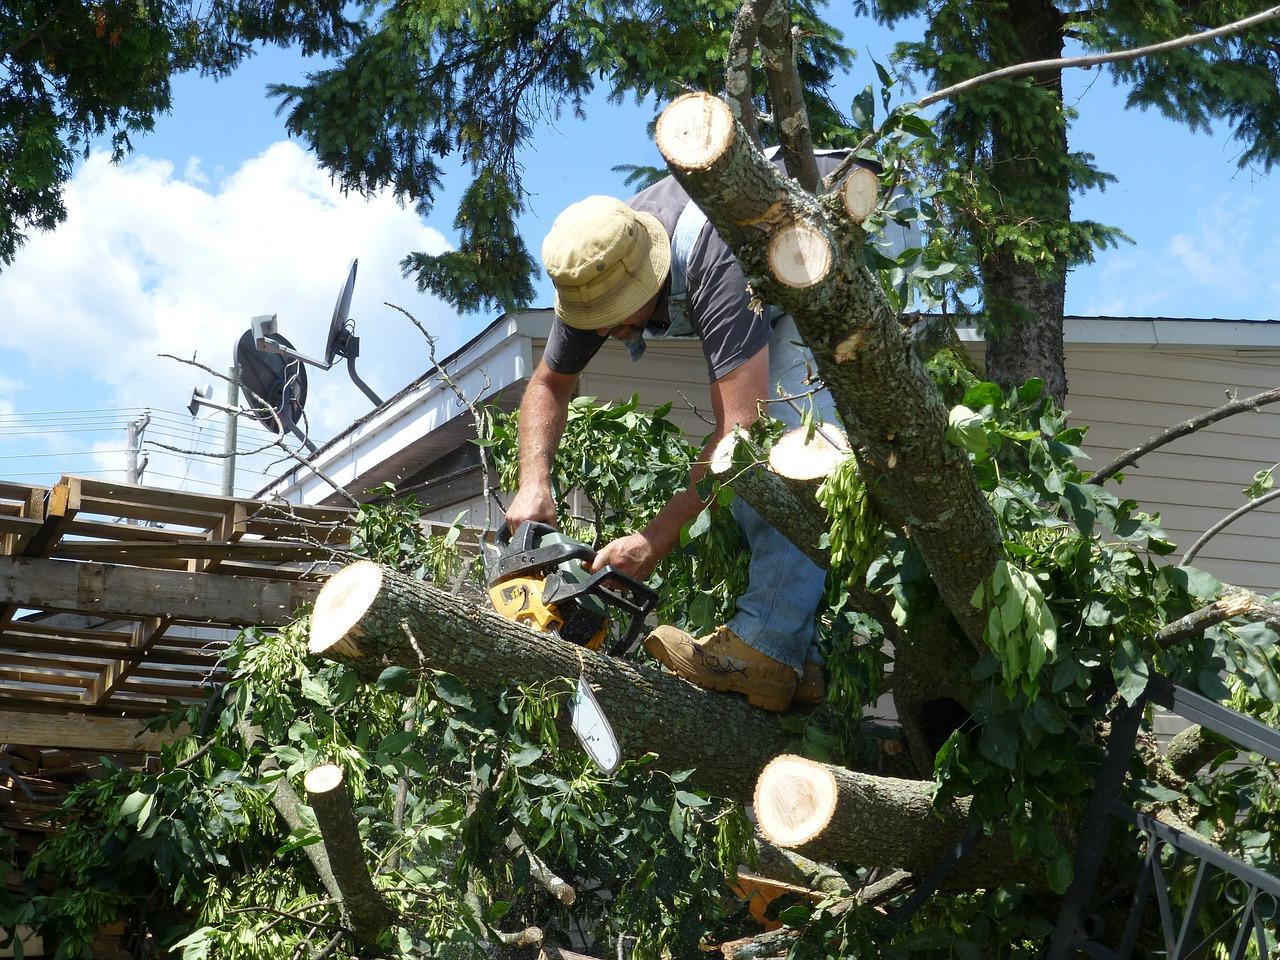 Fallen tree 2015 richard montgomery spiritdancerdesigns Gallery